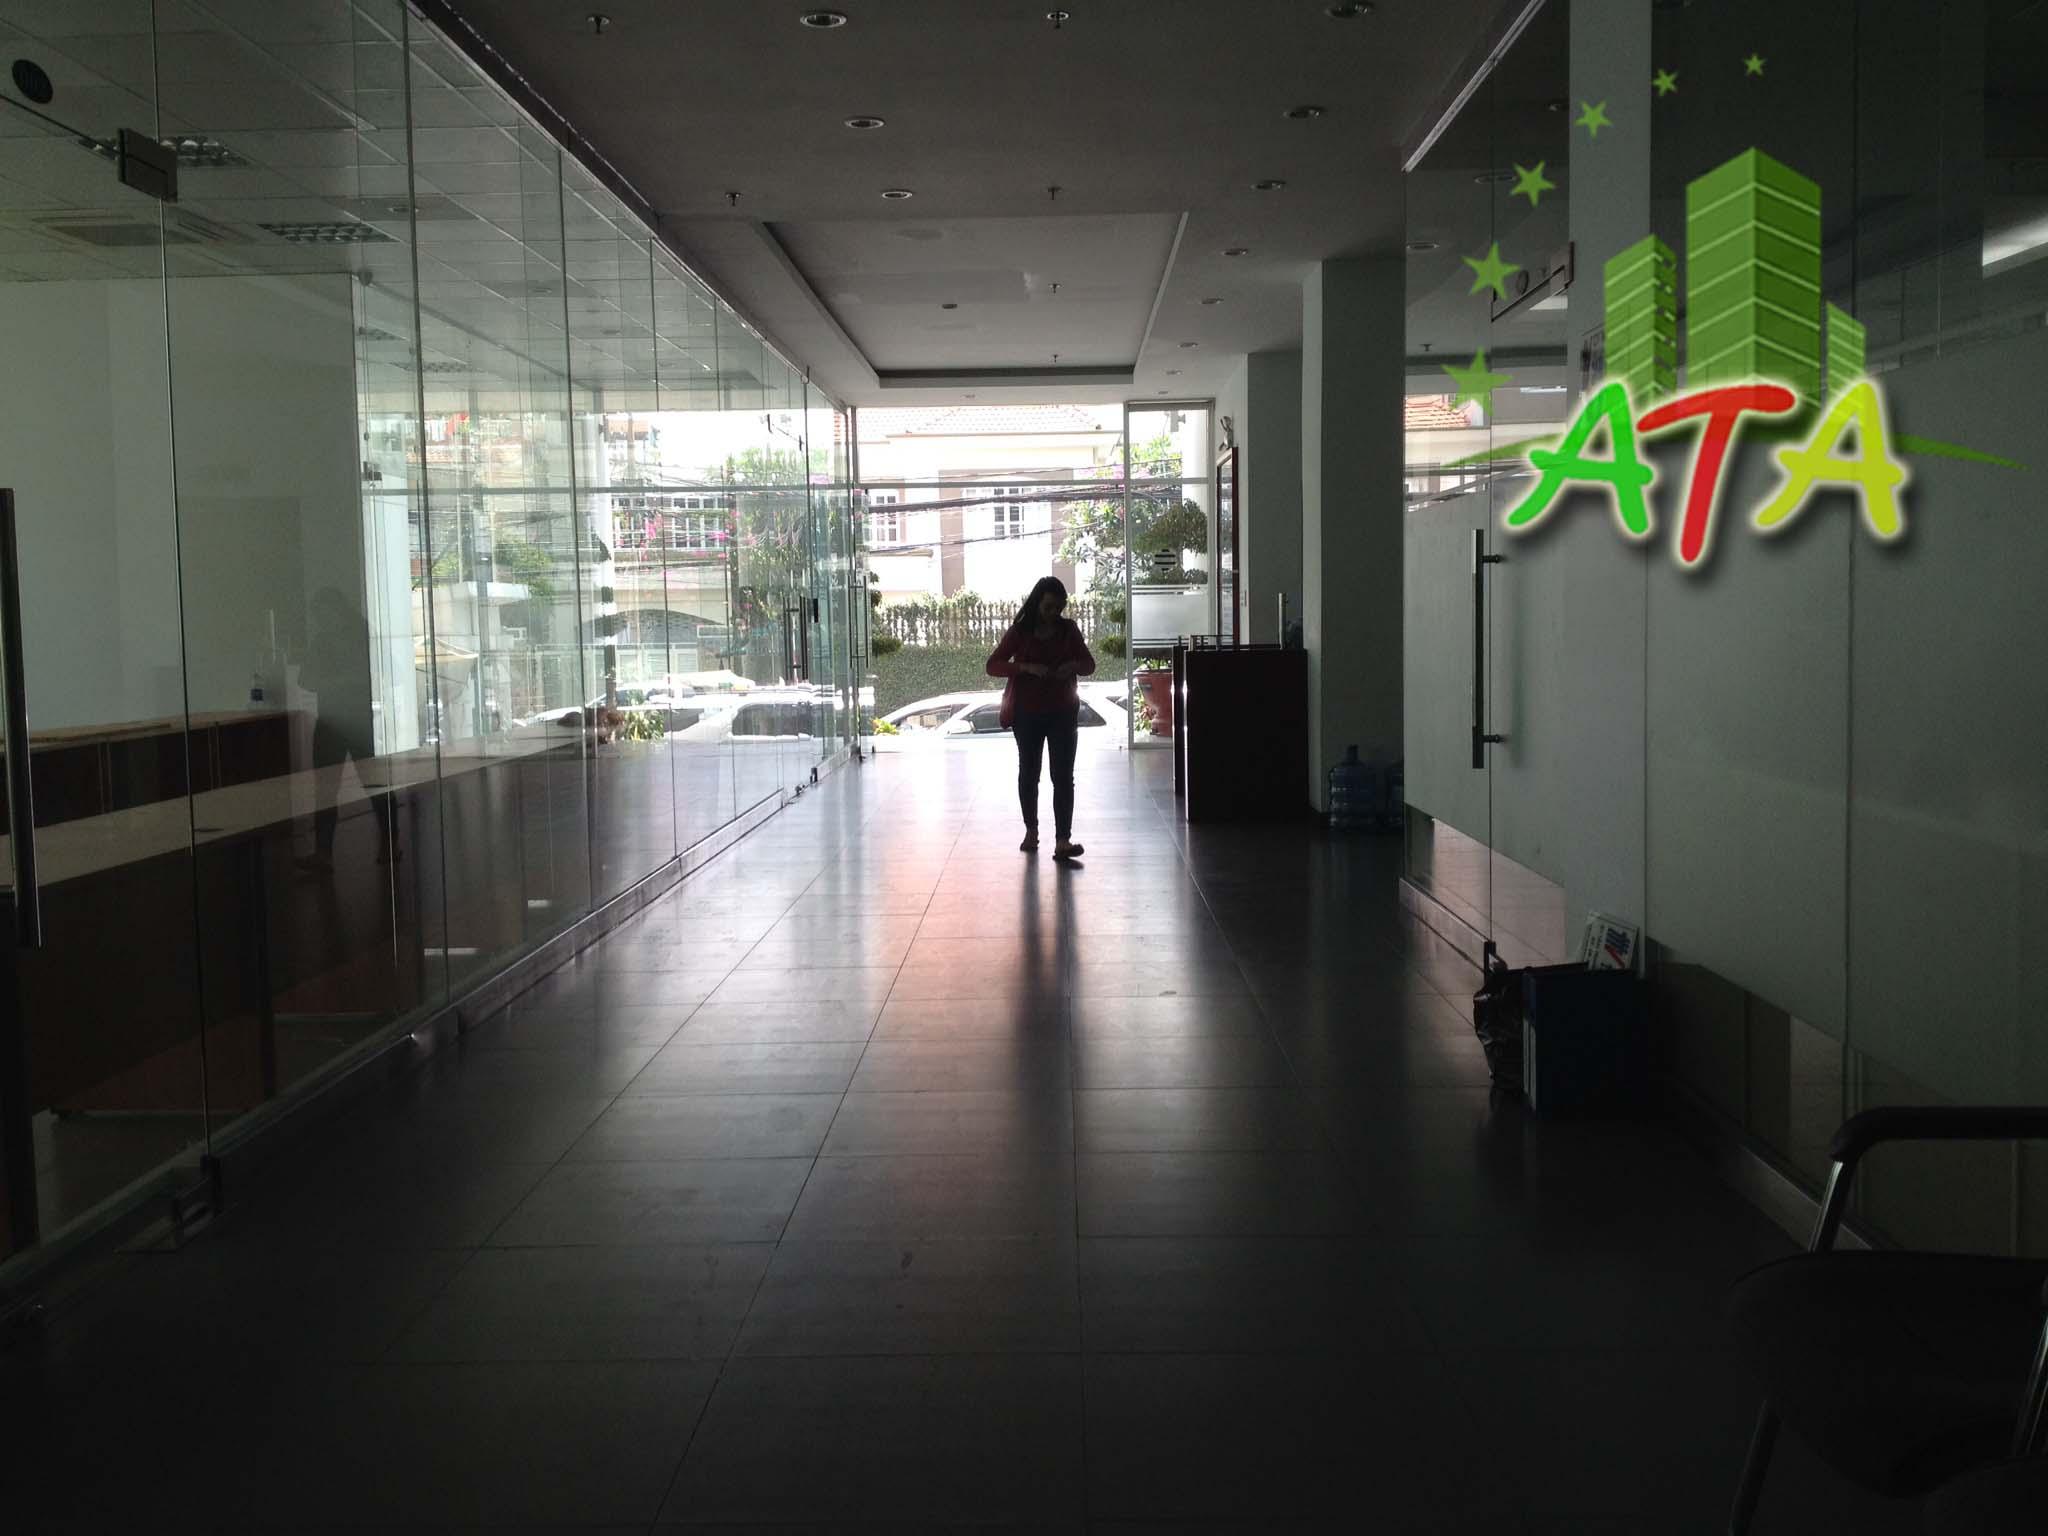 văn phòng cho thuê quận Tân Bình, Tòa nhà báo pháp luật đường Hoàng Việt quận Tân Bình, ngay sân bay Tân Sơn Nhất, office for lease in Tan Son Nhat airport